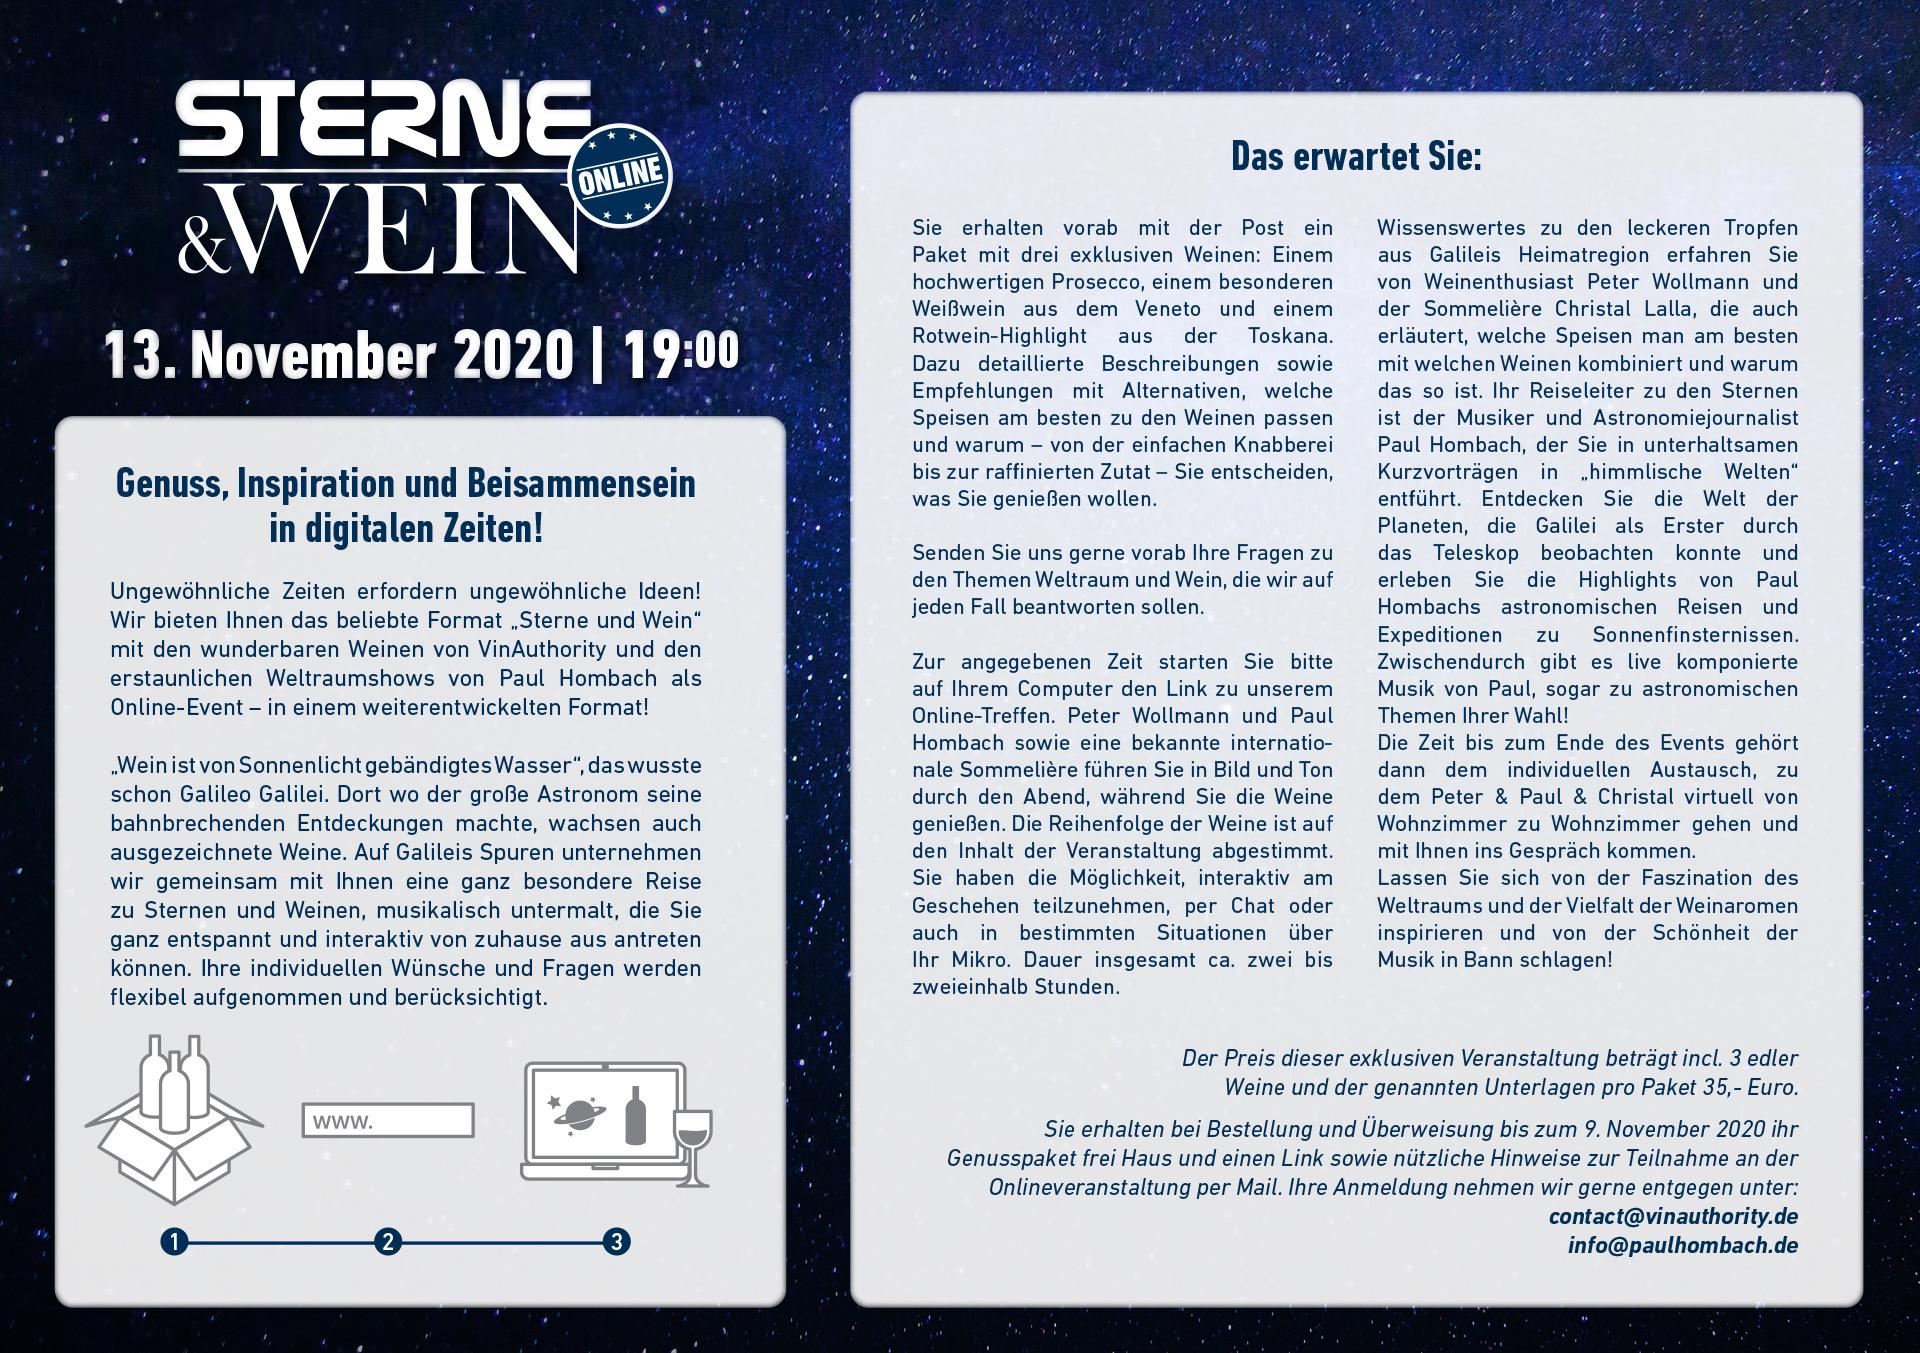 Sterne und Wein Event 13.11.2020